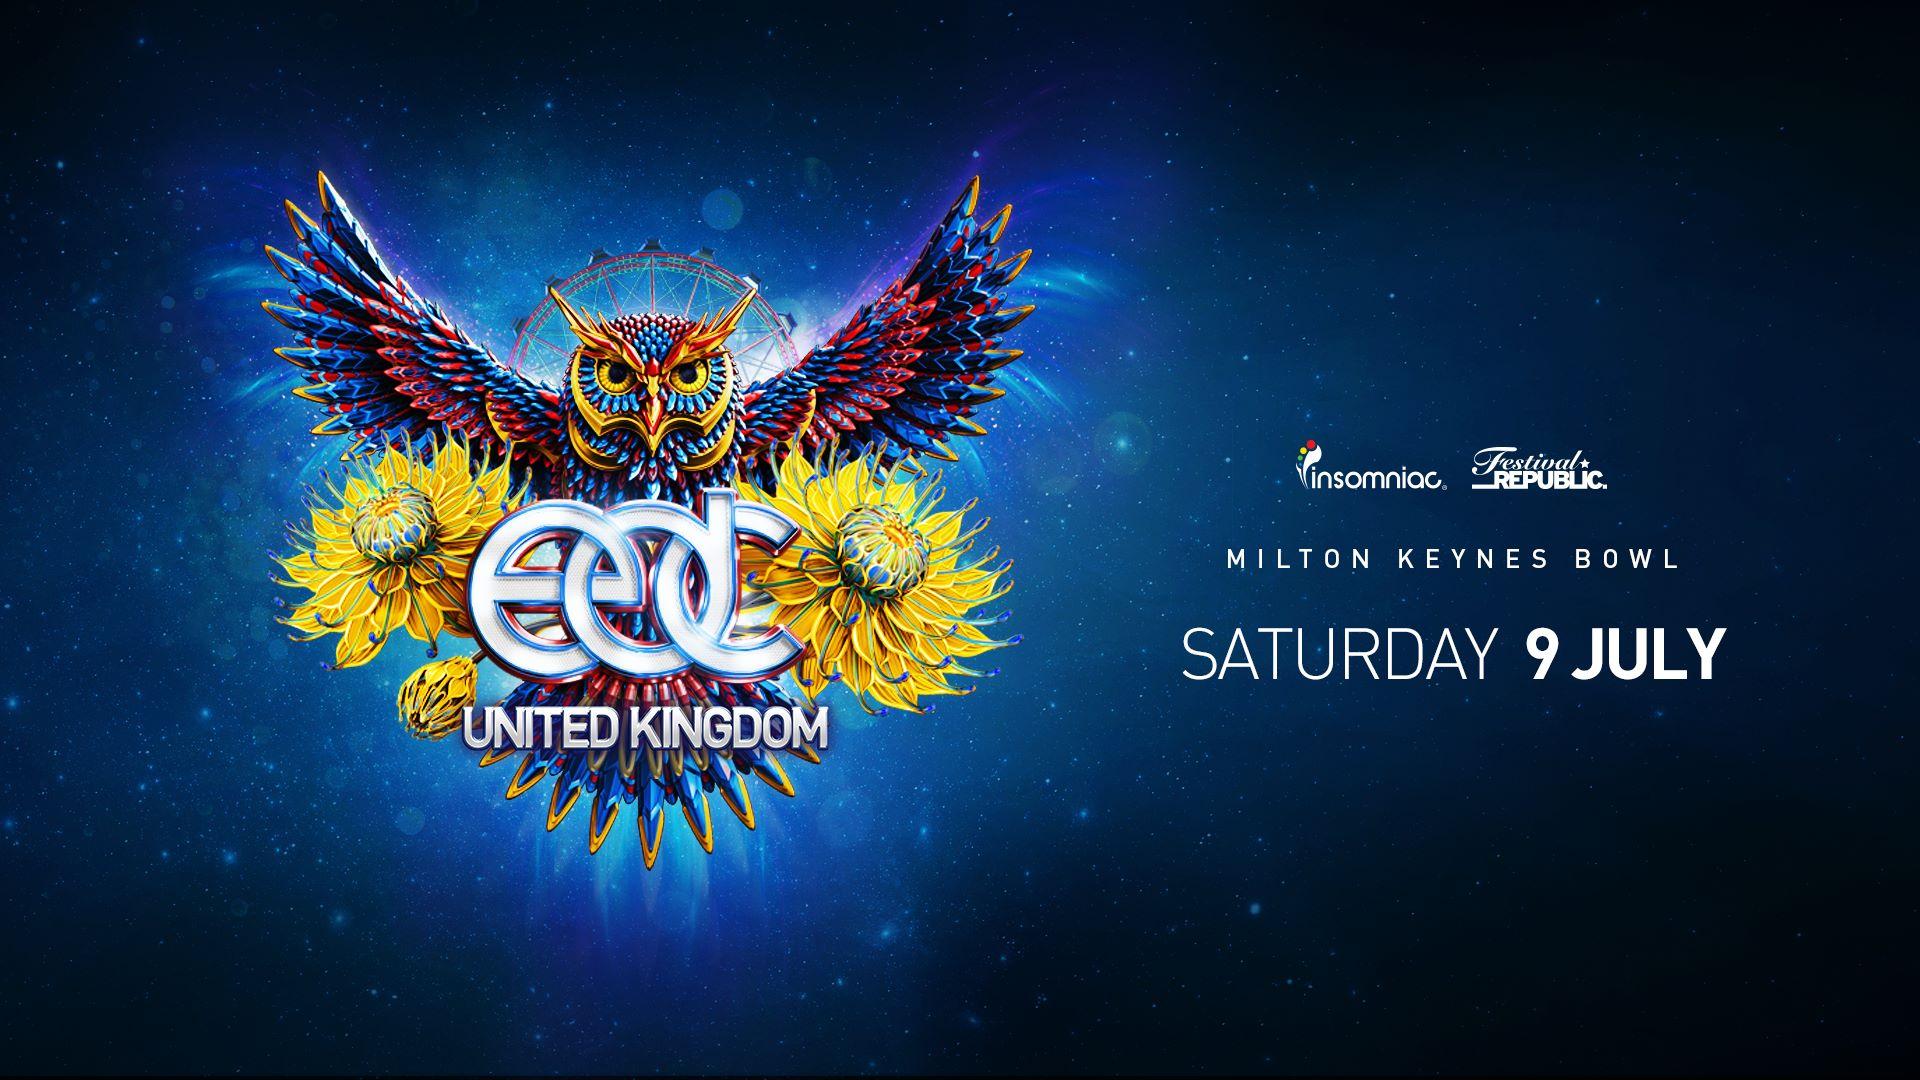 EDC UK 2016